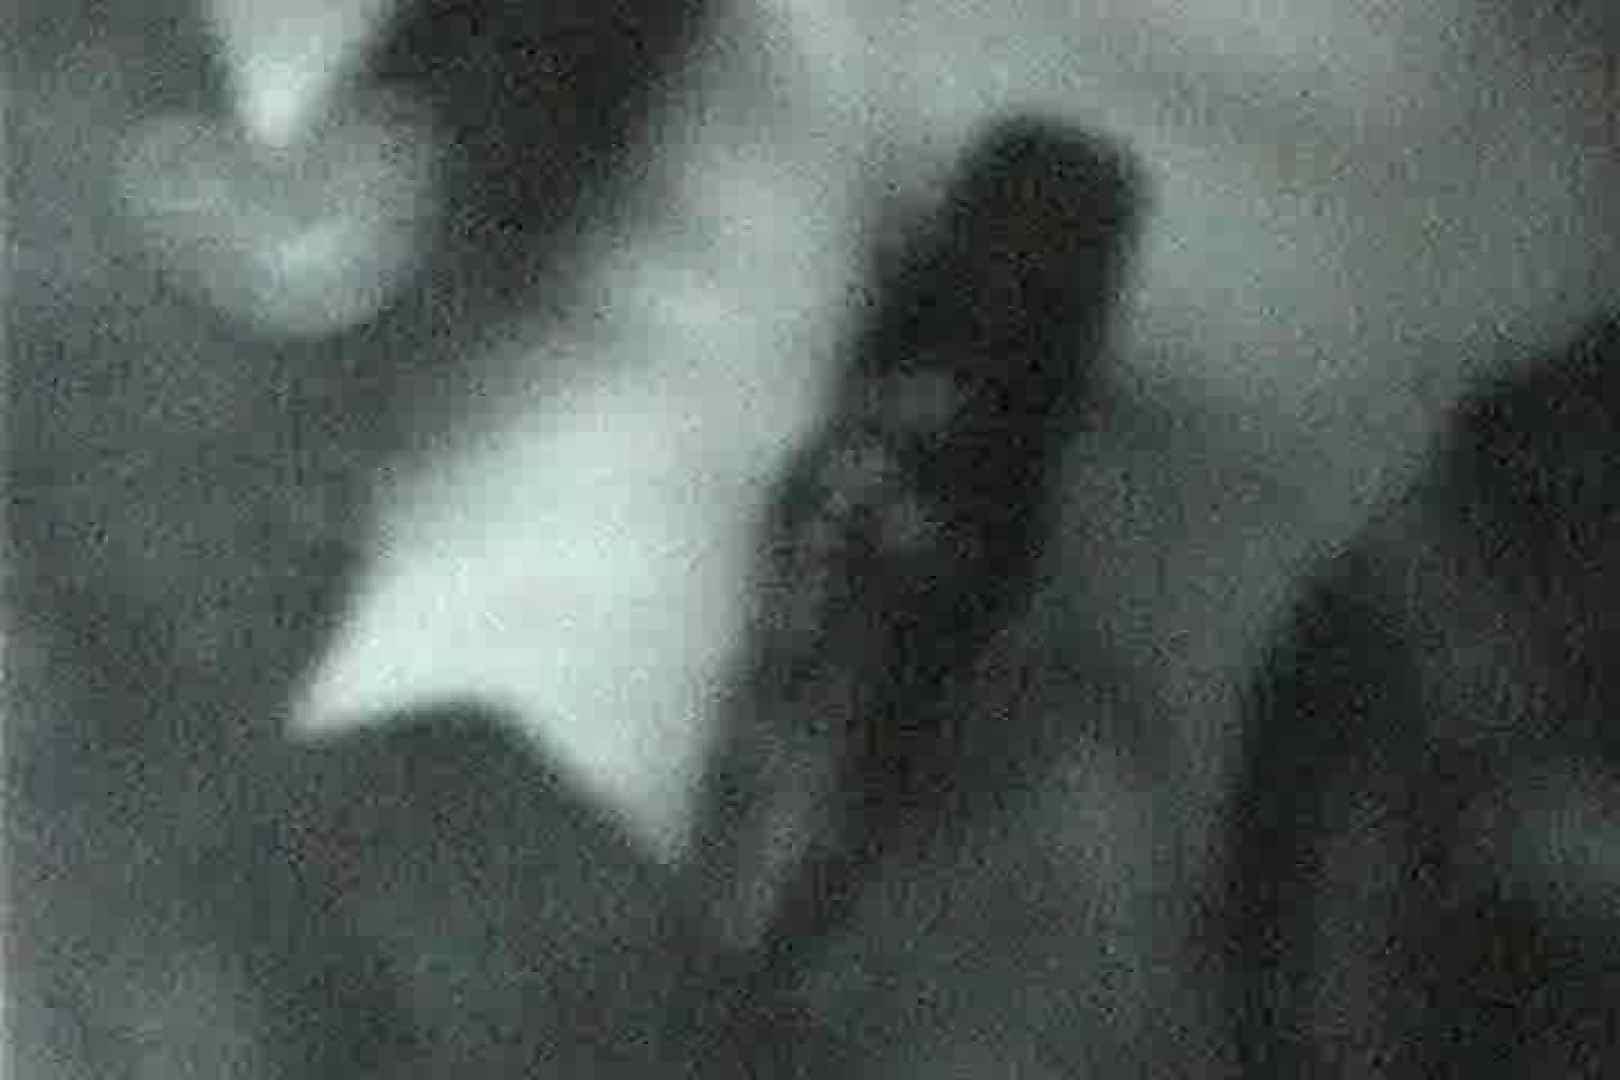 充血監督の深夜の運動会Vol.37 OLセックス のぞきおめこ無修正画像 57画像 20